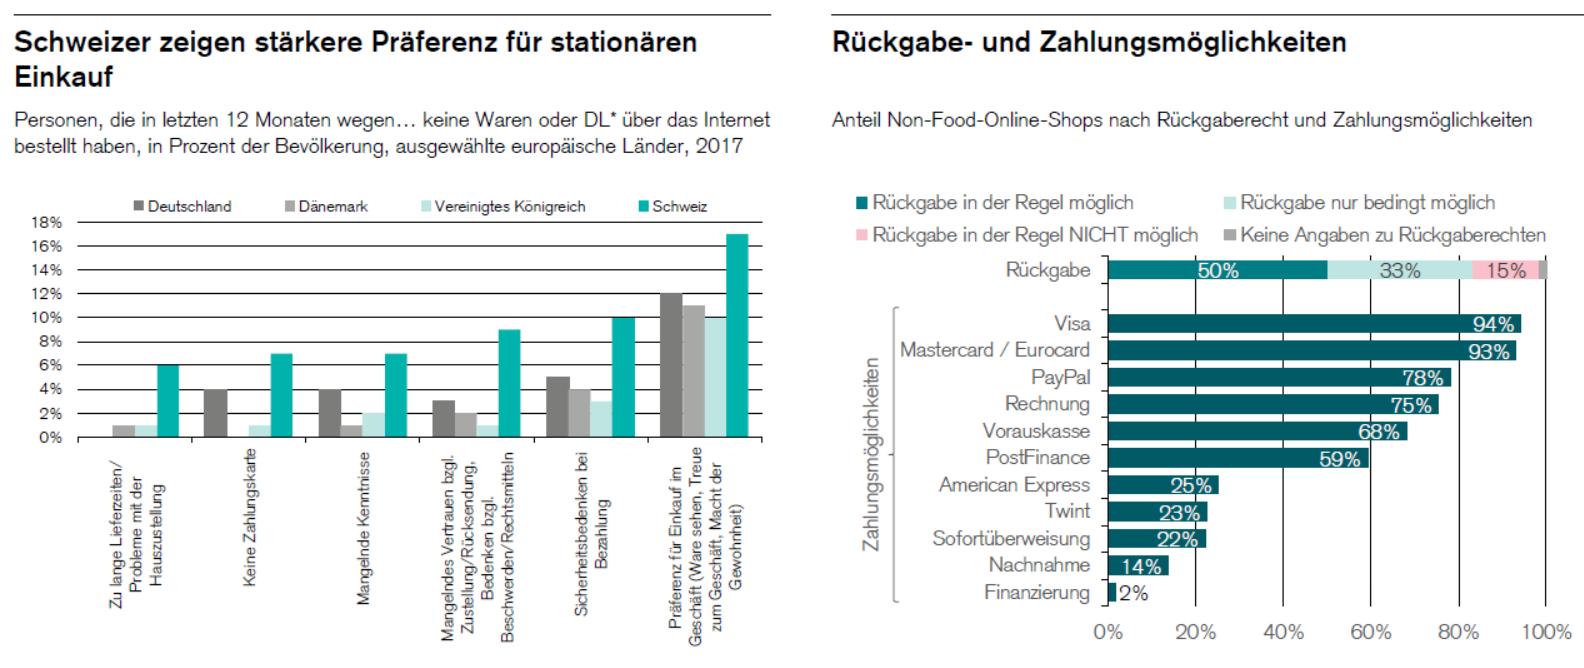 Präferenzen für das stationäre Geschäft und Rückgabe- und Zahlungsmöglichkeiten Onlineshops / Grafik: Retail Outlook 2020 / Quellen: Eurostat, Comparis und Credit-Suisse